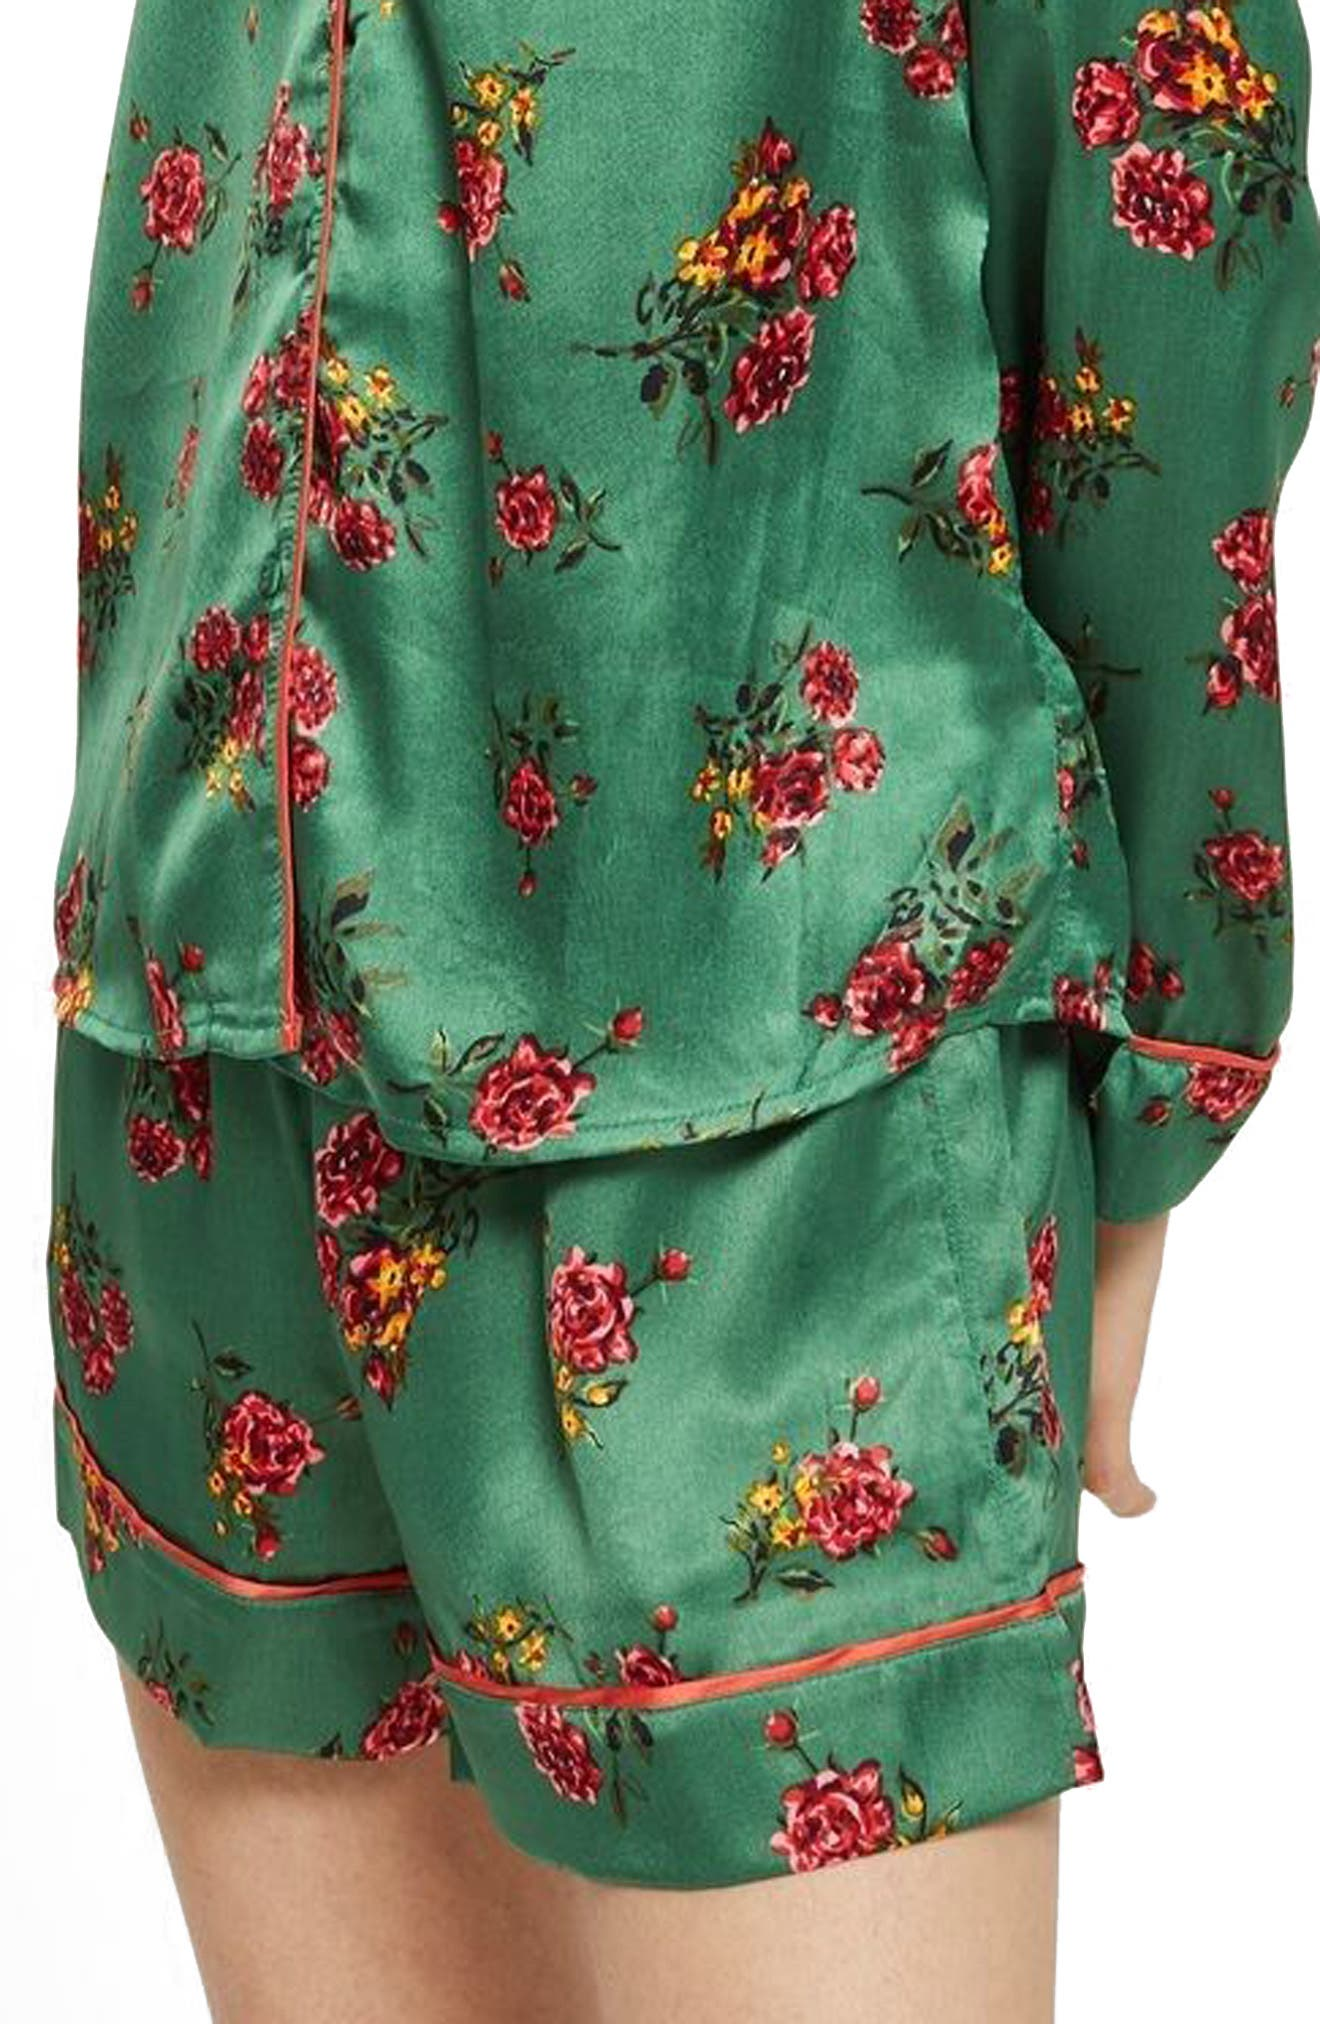 Floral Print Pajama Shorts,                             Main thumbnail 1, color,                             320